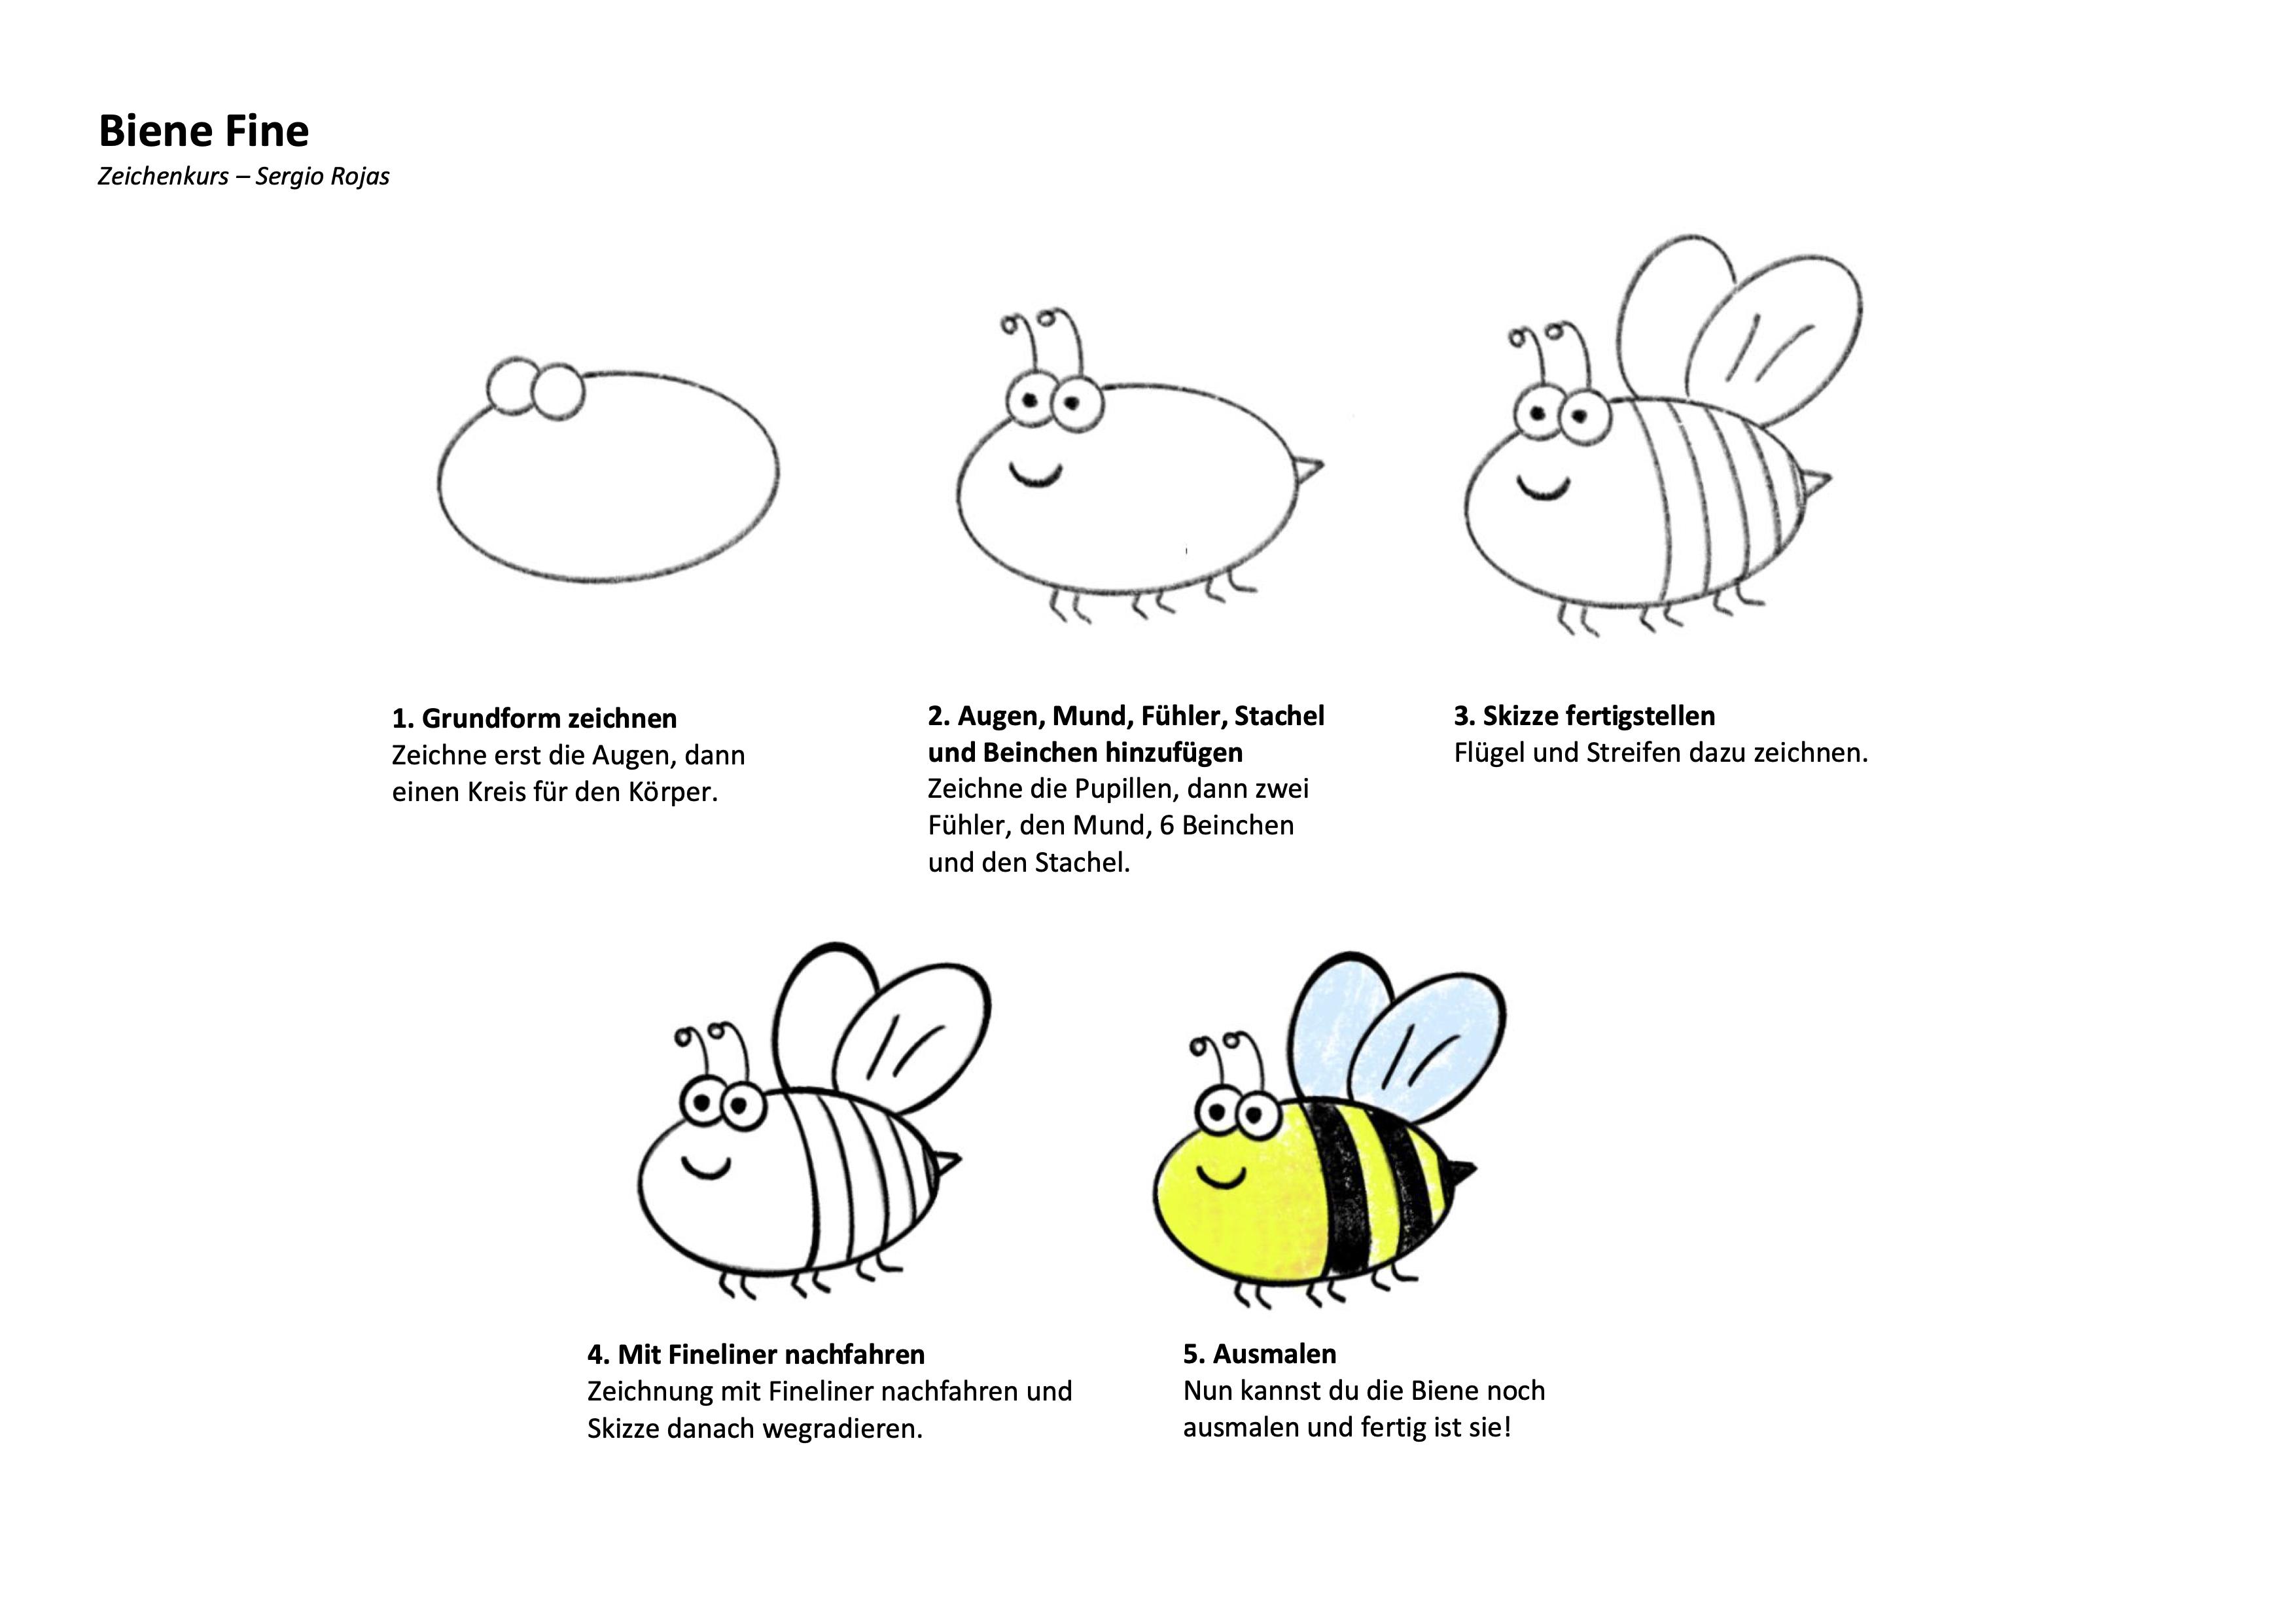 Biene Zeichenanleitung